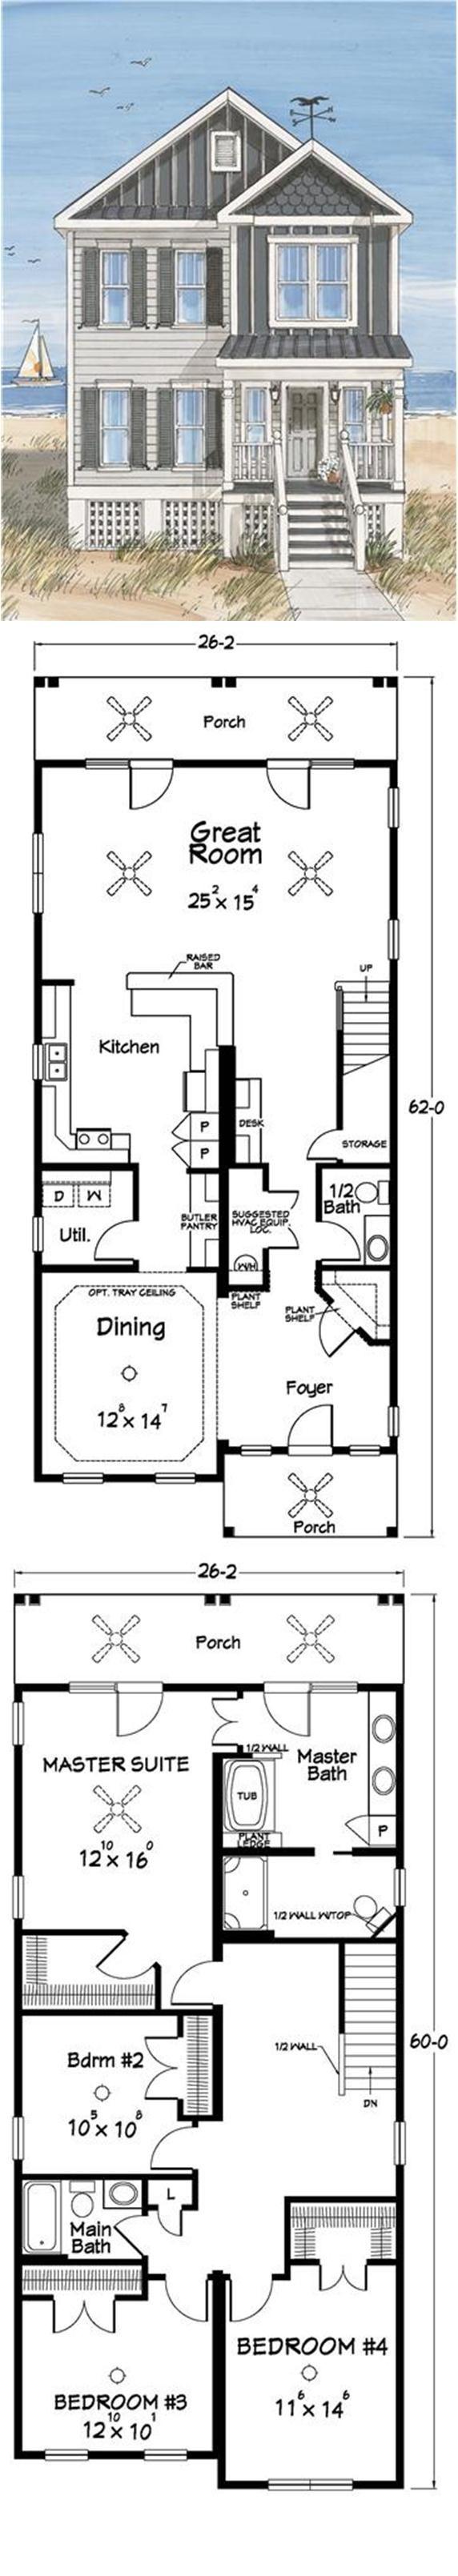 Grundrisse sims haus sims 3 großes zimmer strandhäuser strandhaus pläne shotgun house wohnungen gehäuse